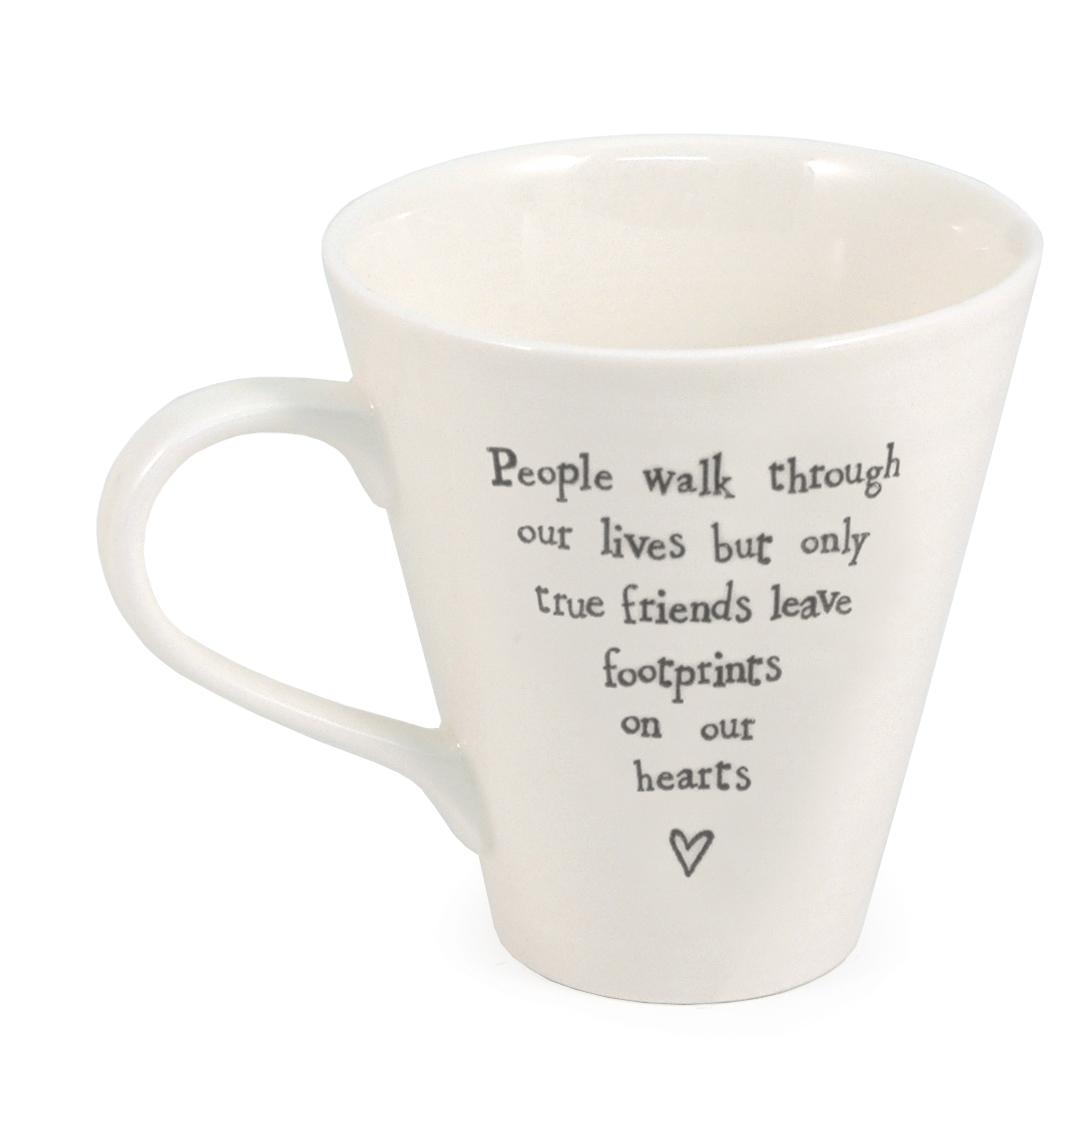 Mug - People walk